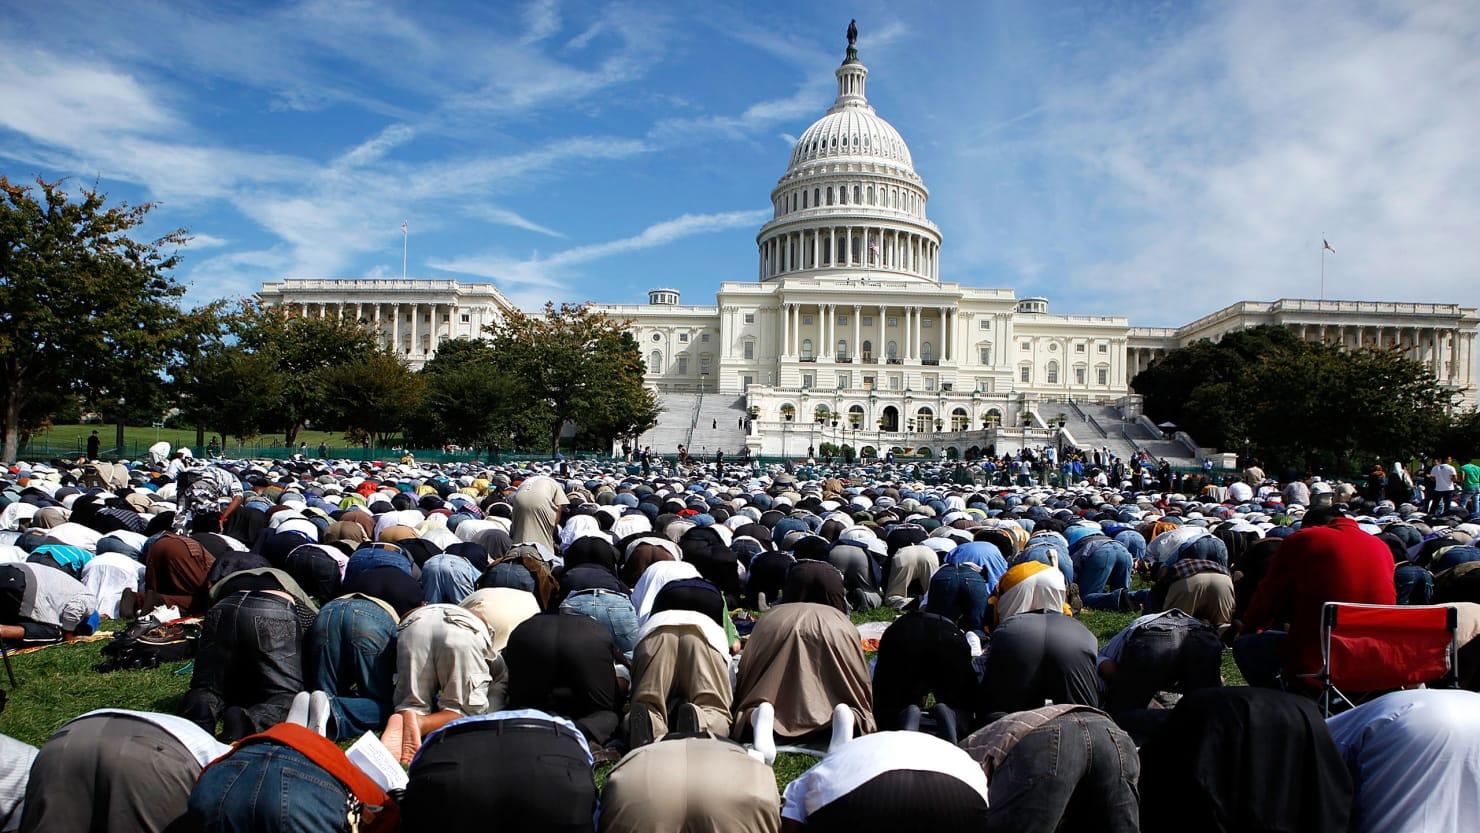 180424-dean-muslim-tease_swnibb.jpg